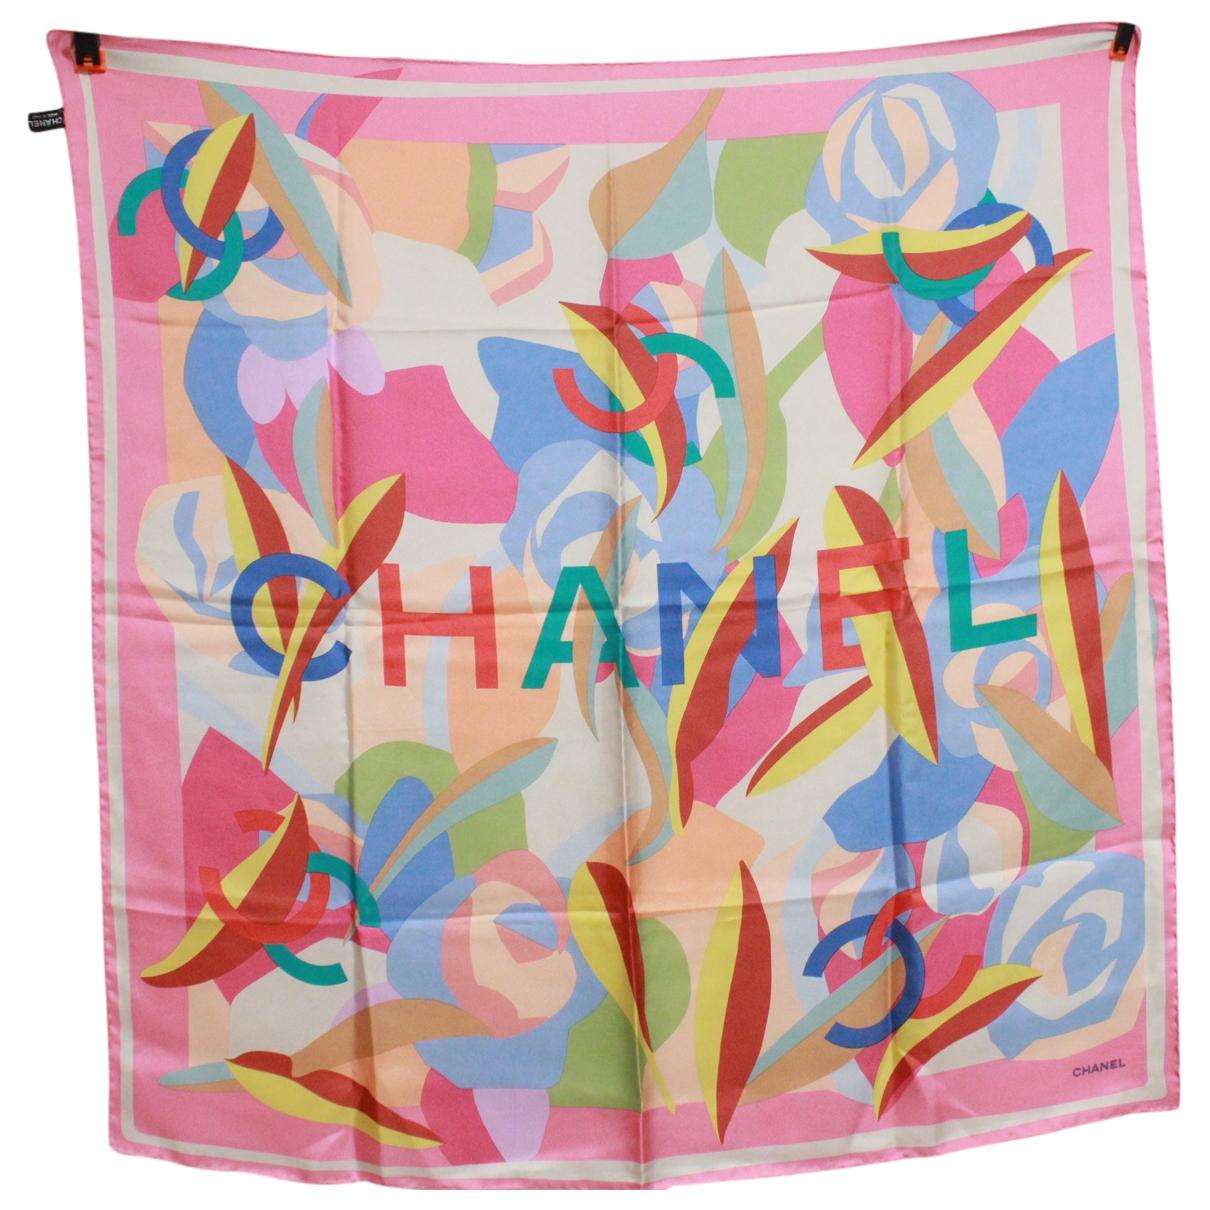 Carre de Seda Chanel